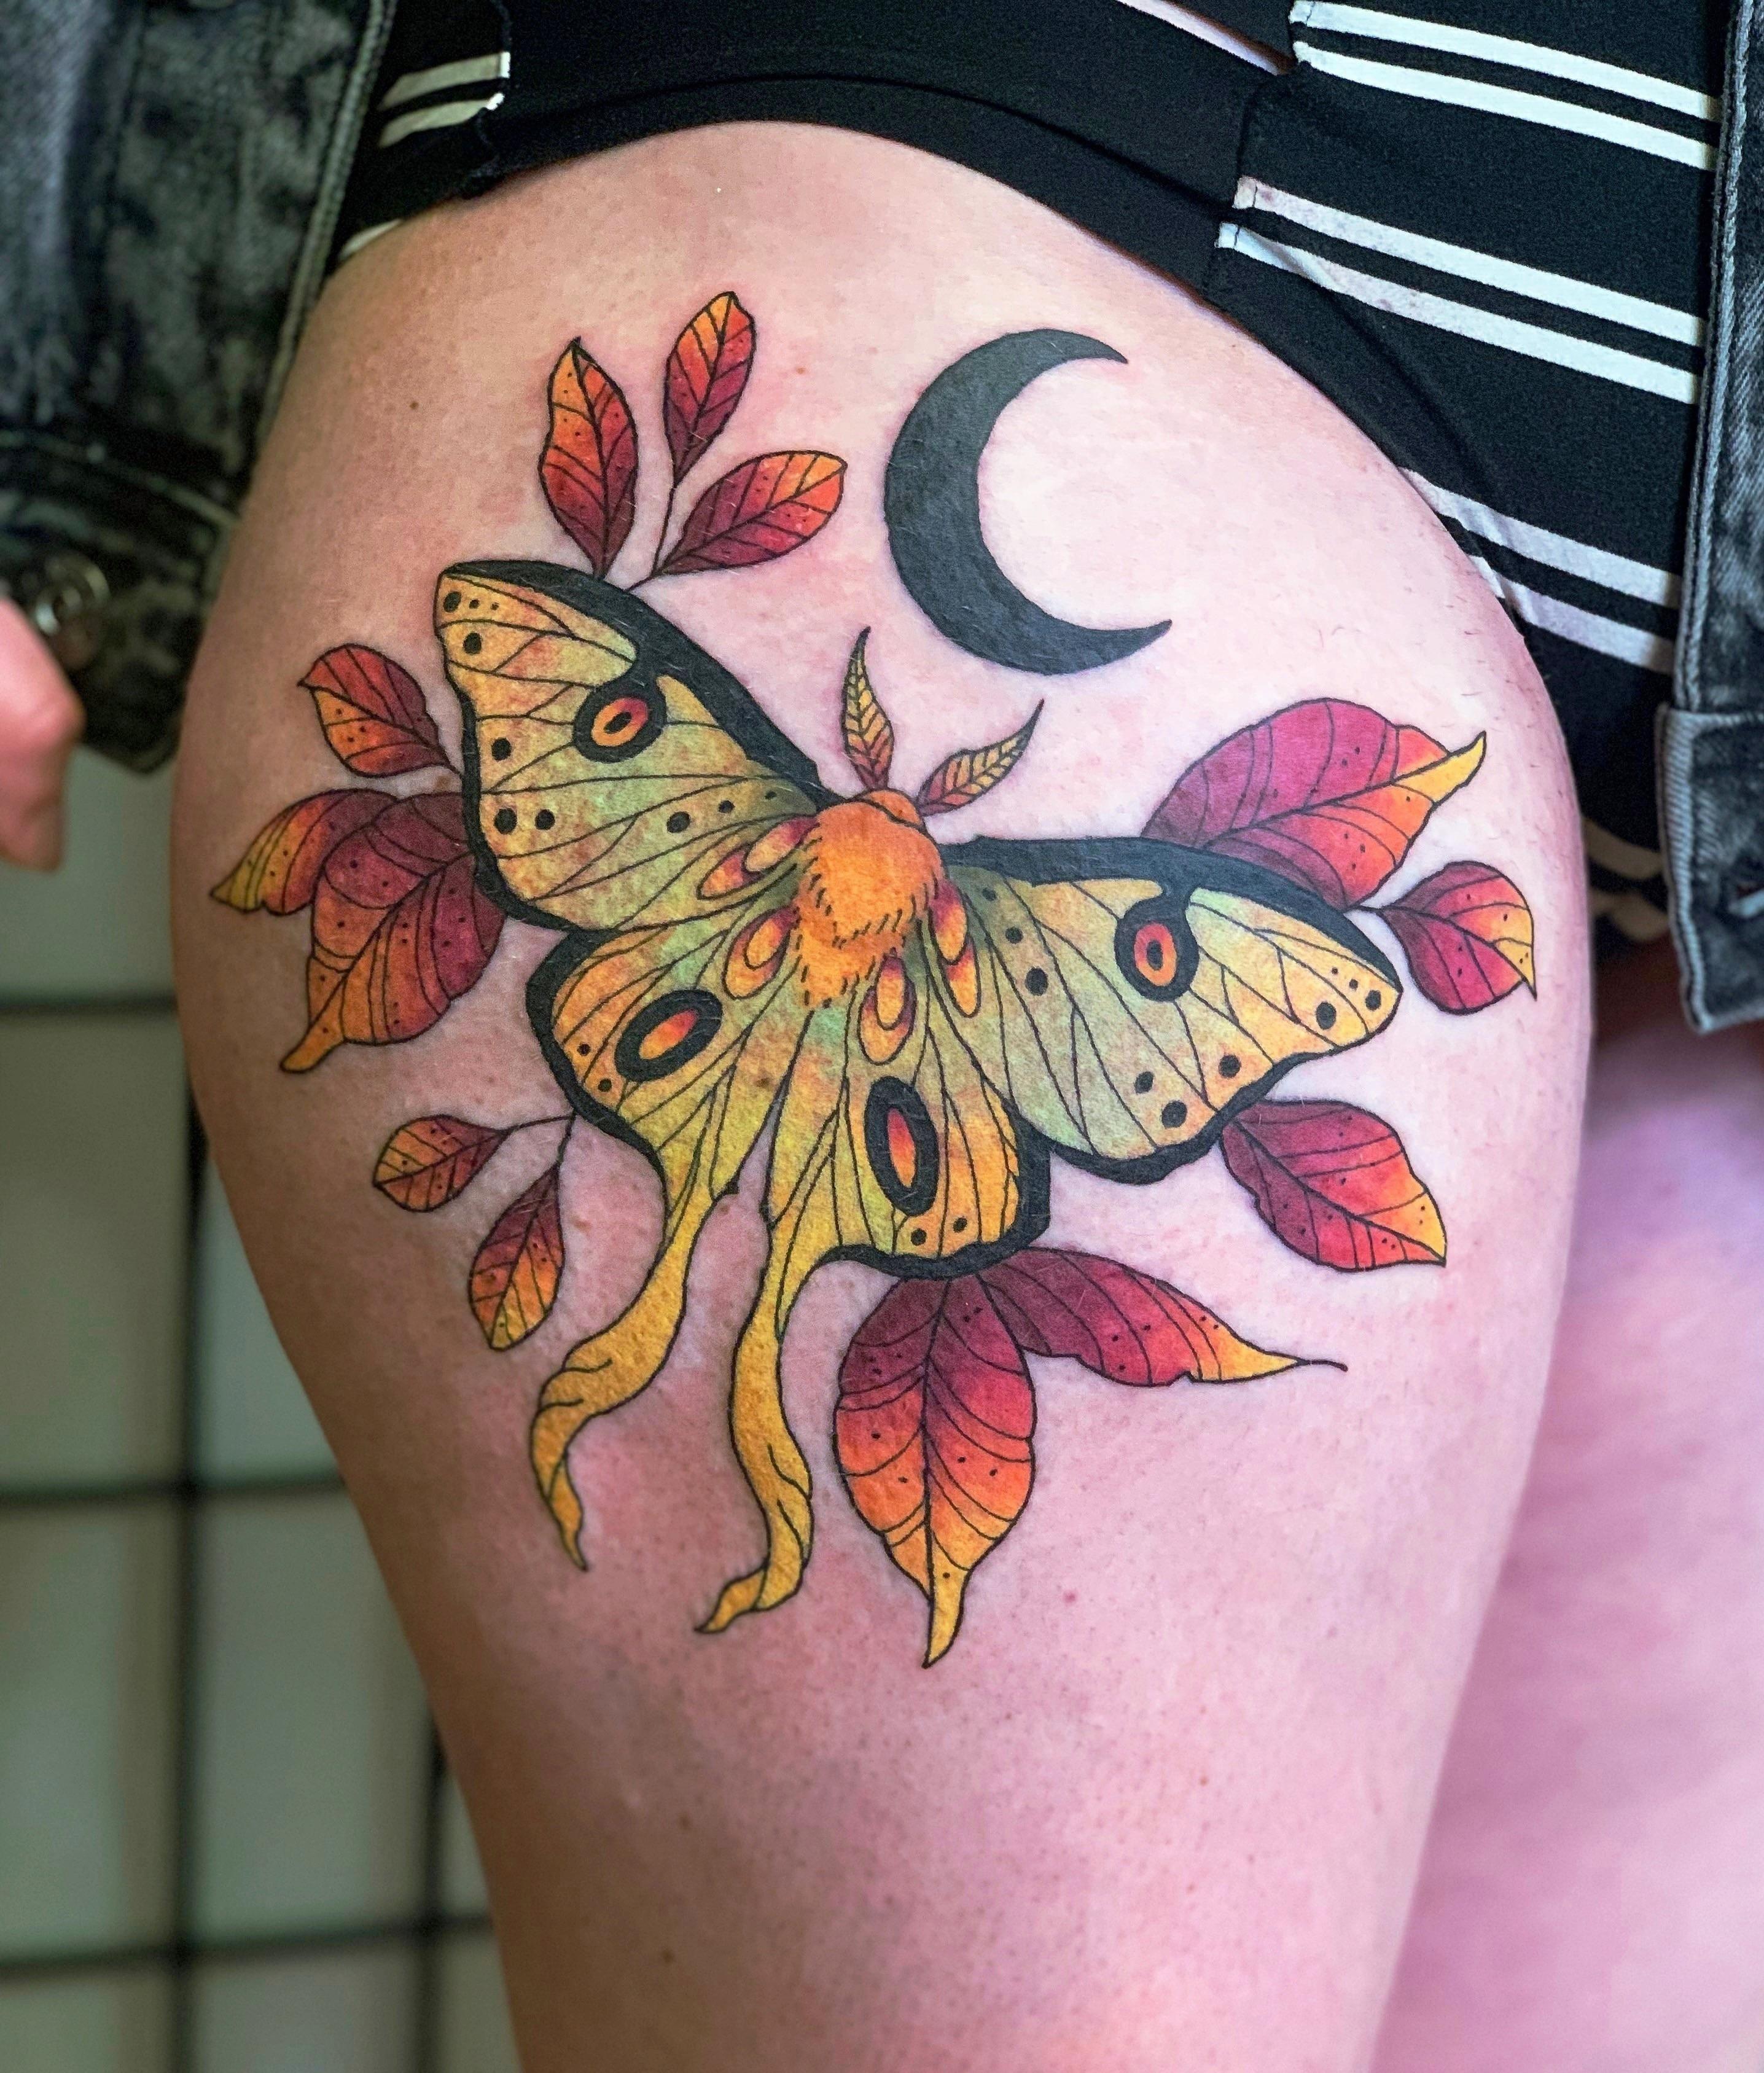 Lunar moth done by Cesar Cabrera at nite owl gallery tattoo San Diego IG: vi_tenebris #tattoos